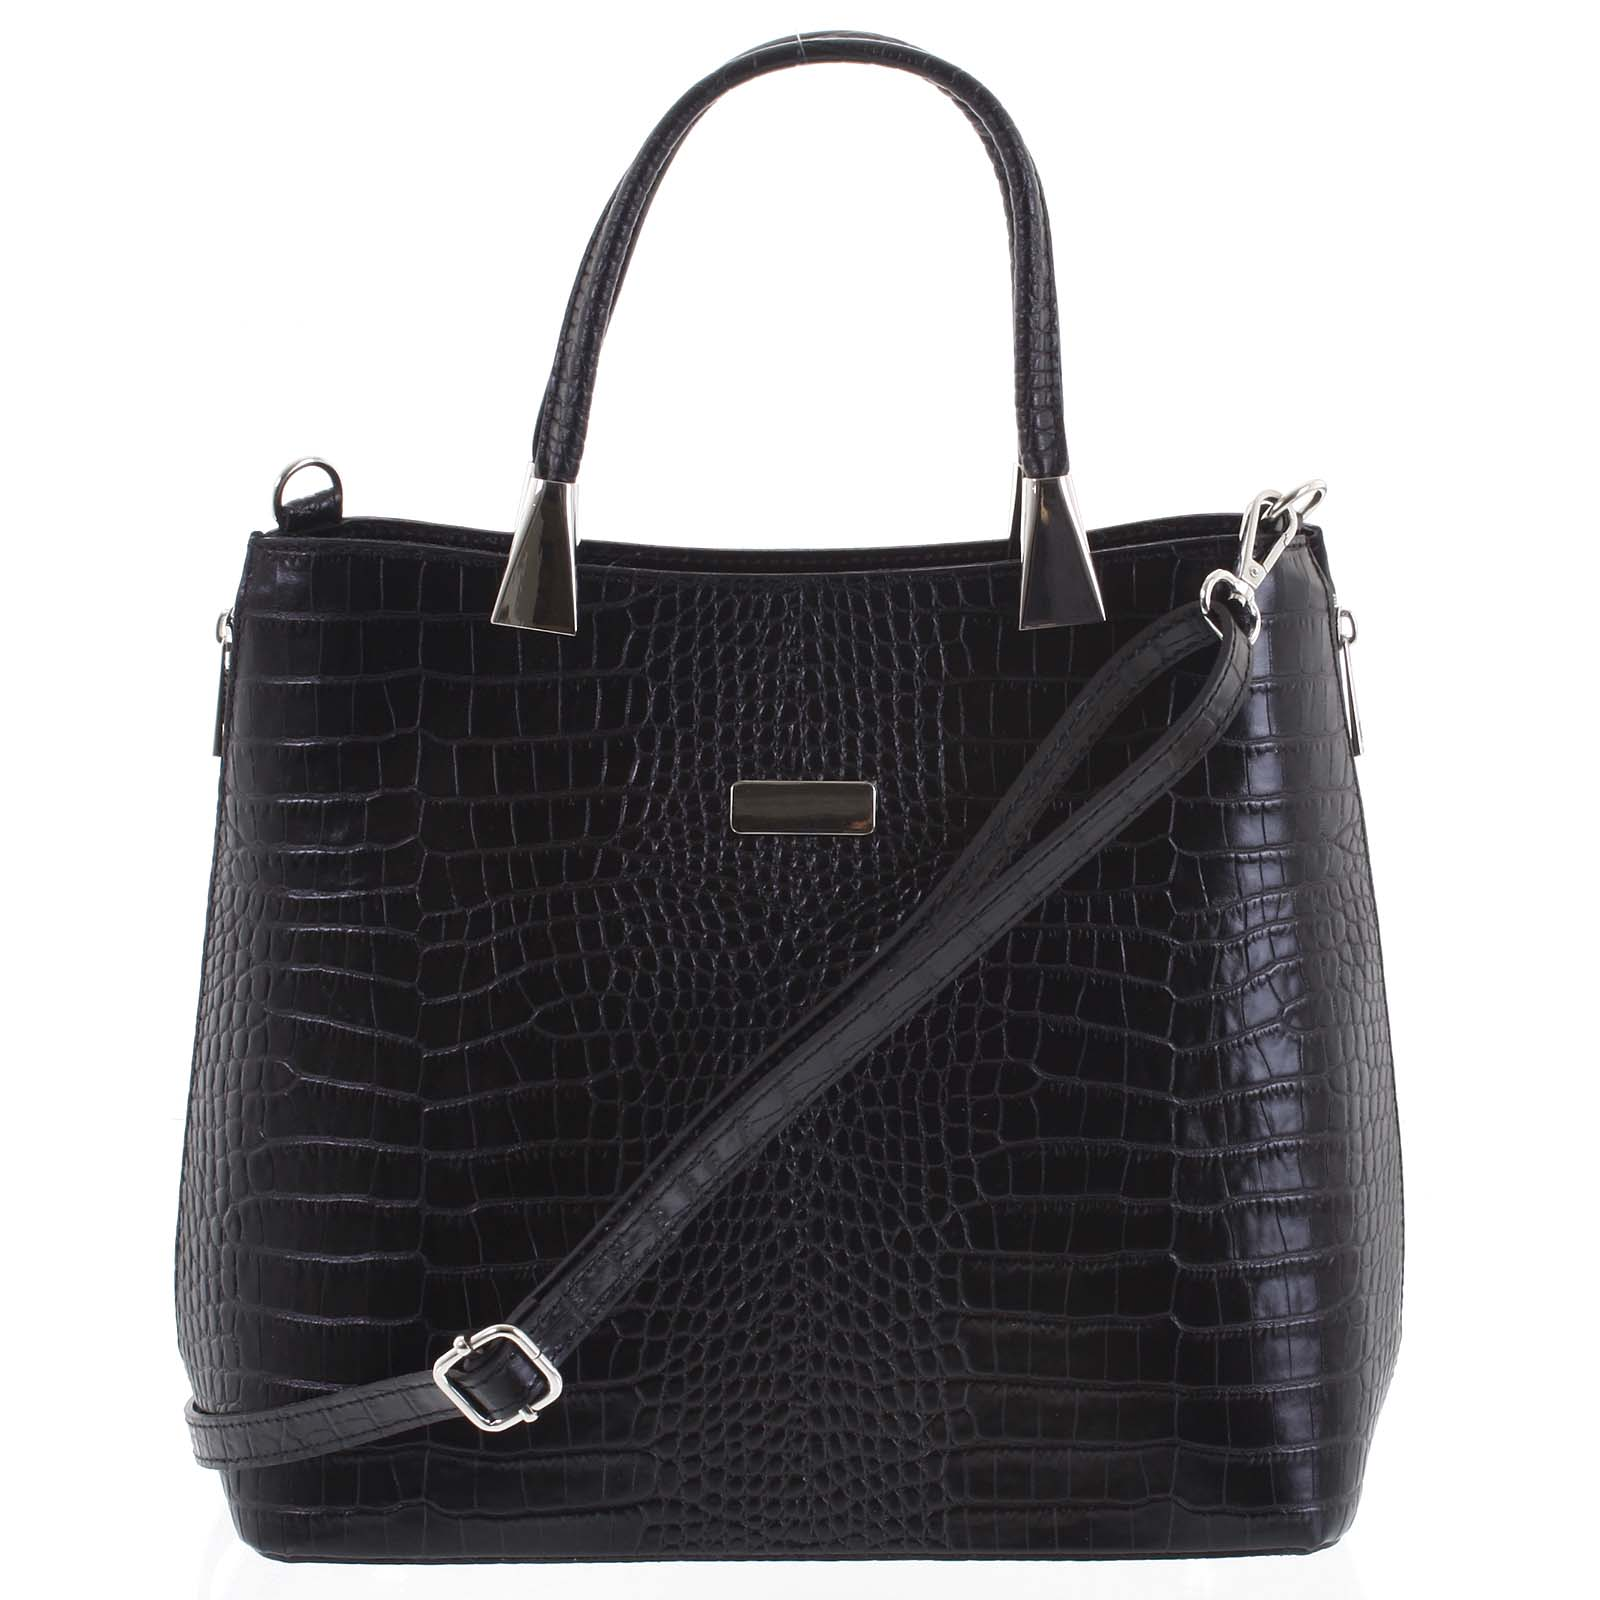 Luxusná dámska kožená kabelka čierna - ItalY Marion